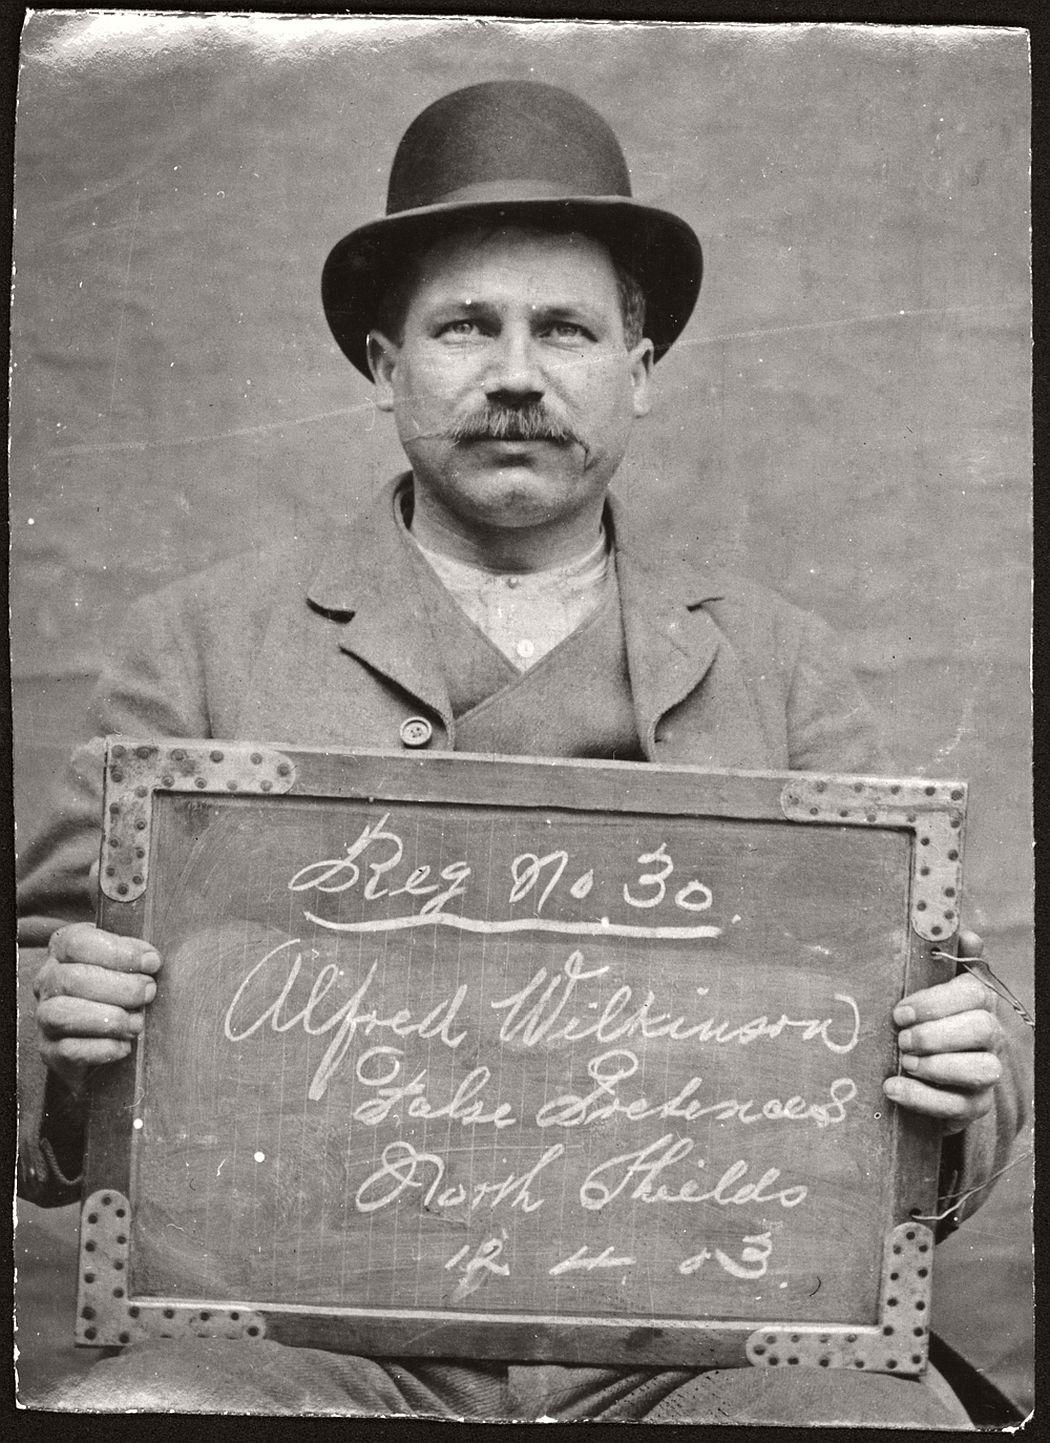 vintage-mug-shot-of-criminals-from-north-shields-1902-1905-05